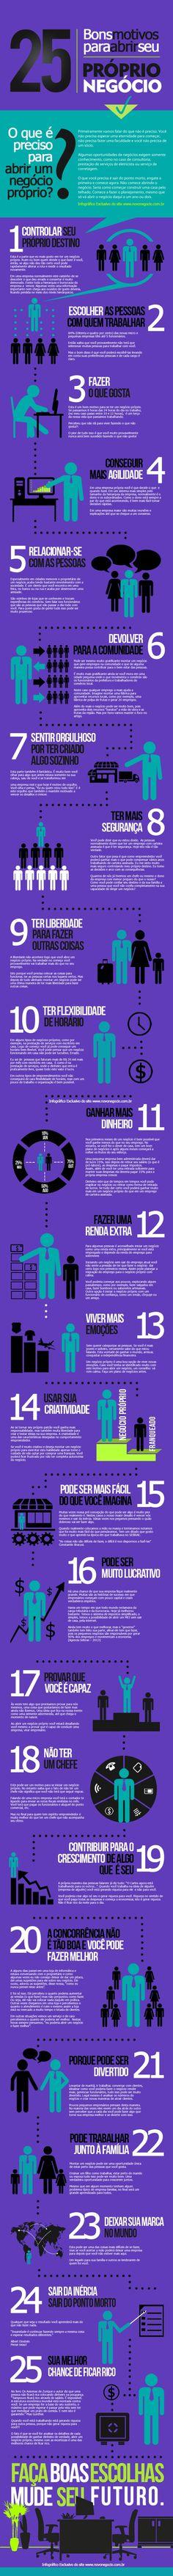 Infográfico: 25 Bons Motivos Para Montar Um Negócio. Confira os principais motivos para você sair da inércia e começar a planejar seu próprio negócio. Confira também: http://www.comomontarumaempresa.com